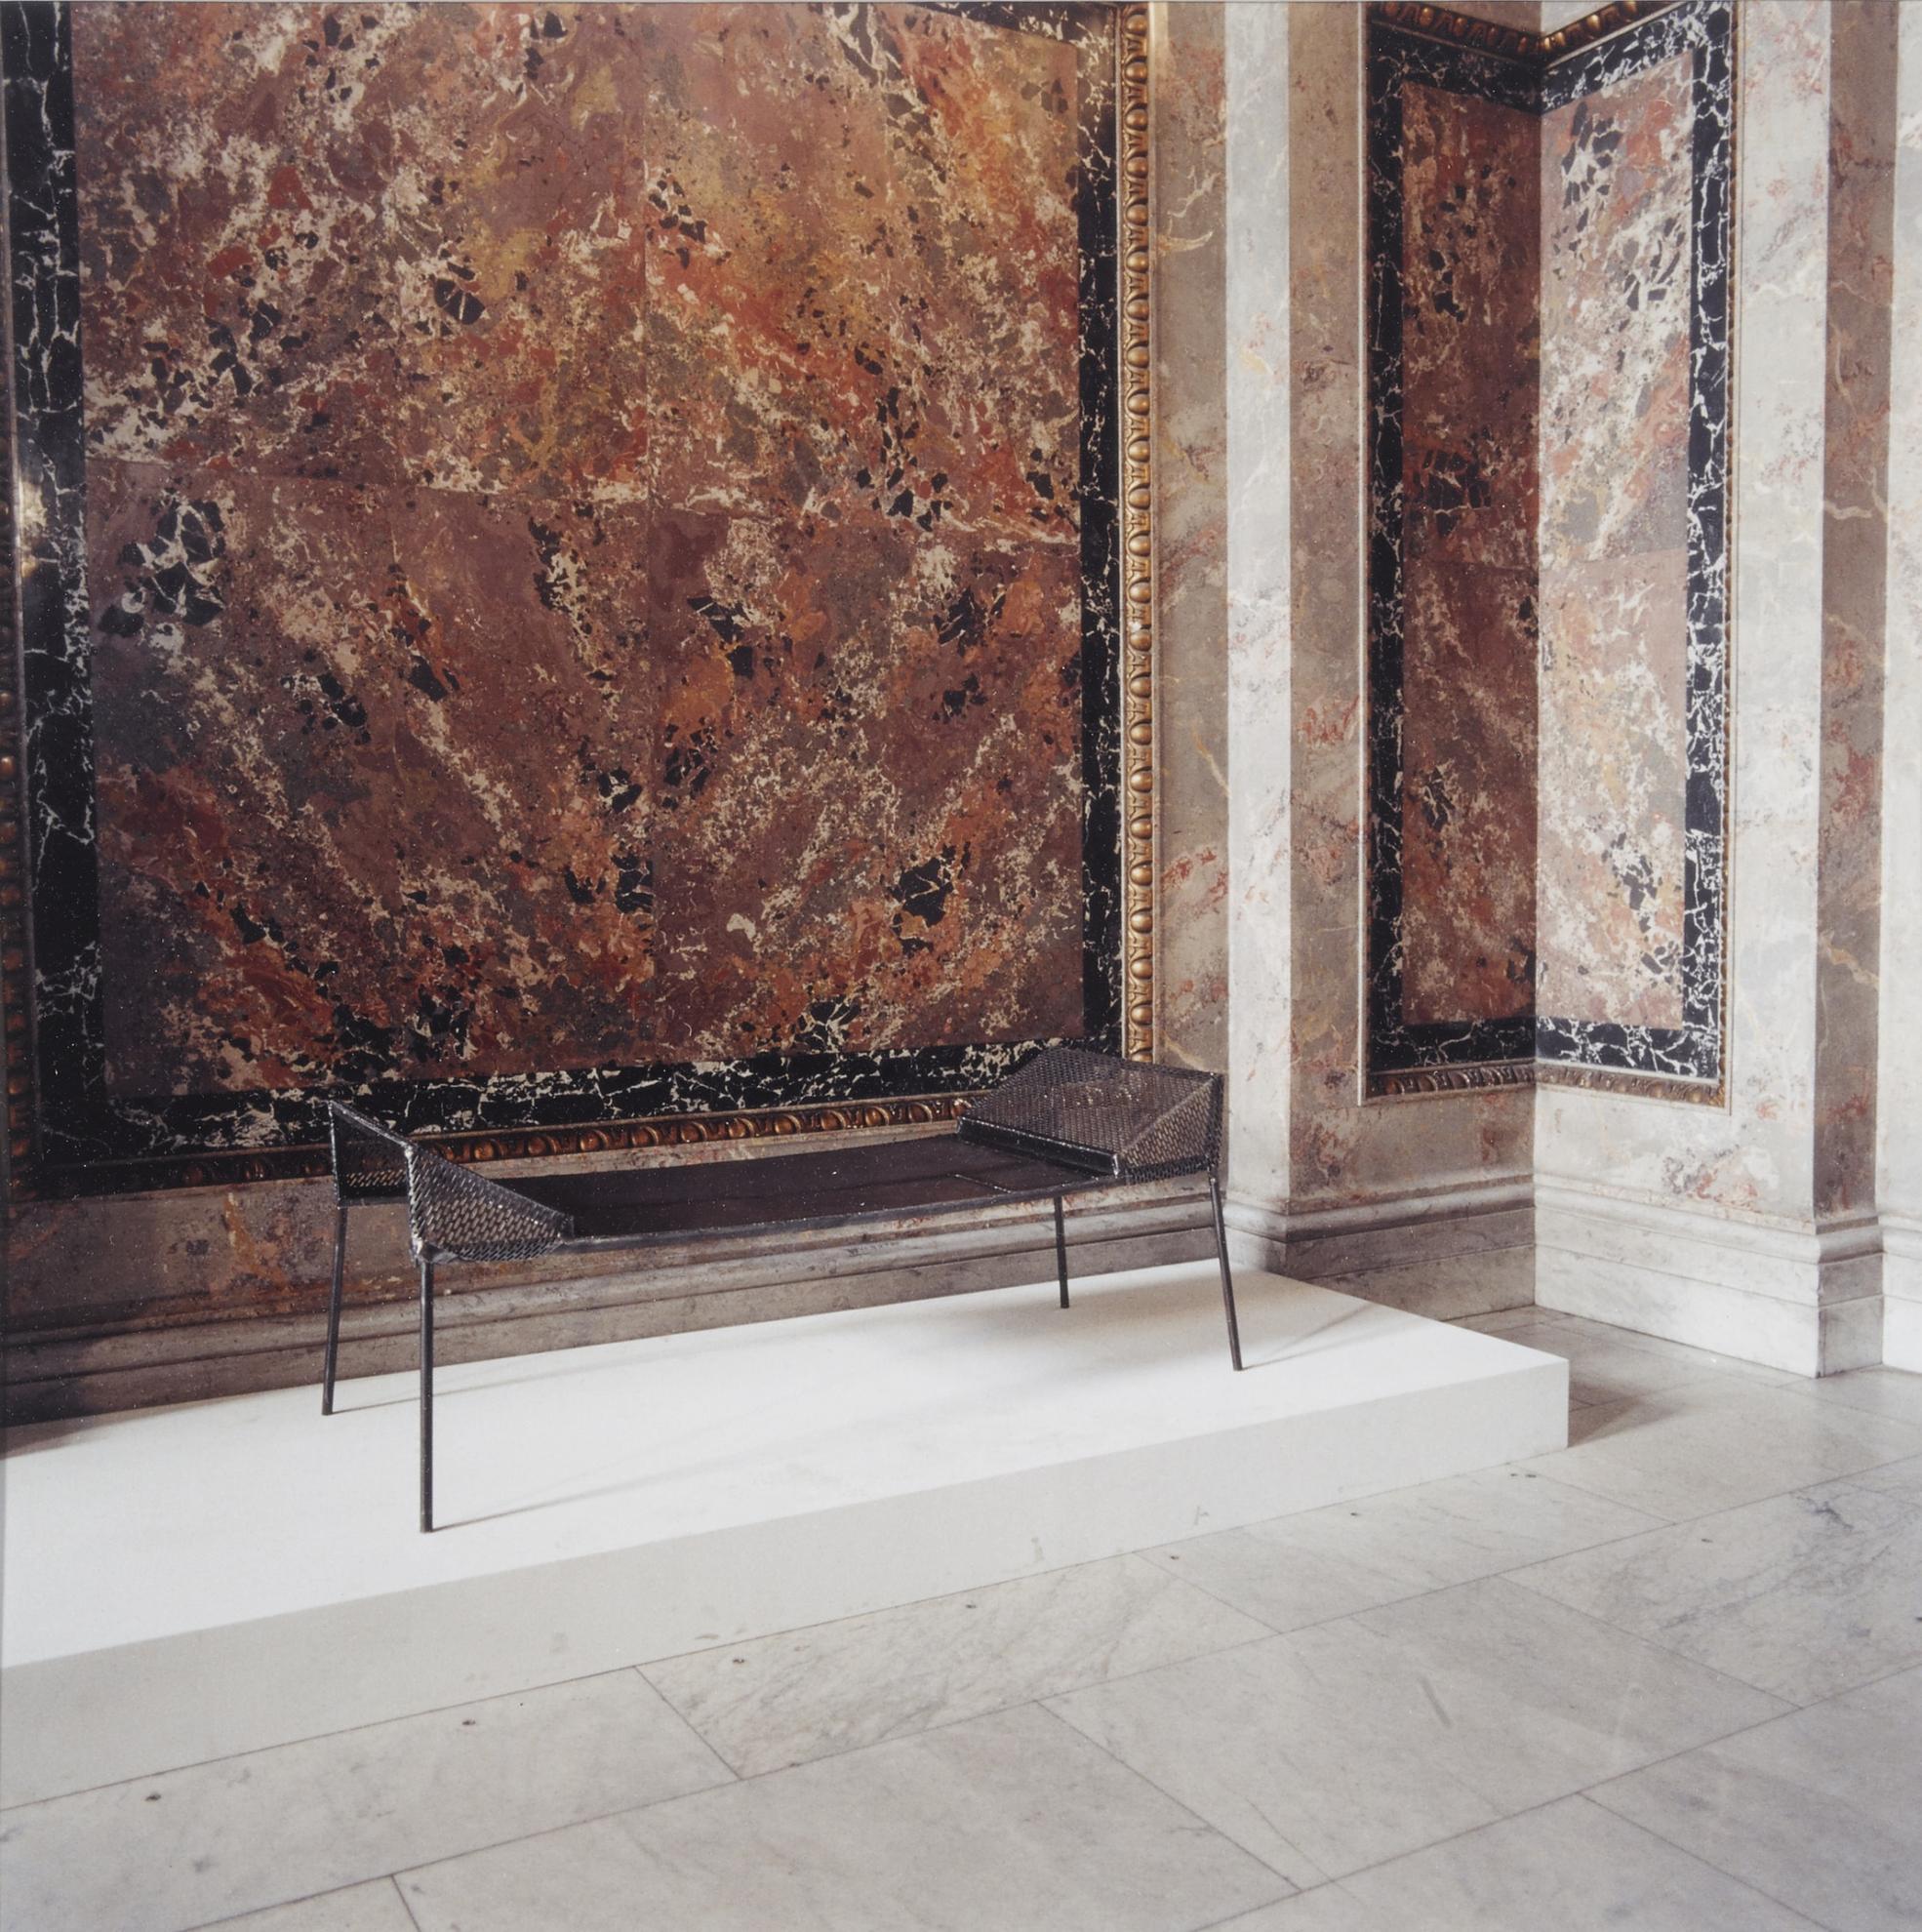 Candida Hofer-Kunsthistorisches Museum Wien (Franz West) 2-1990